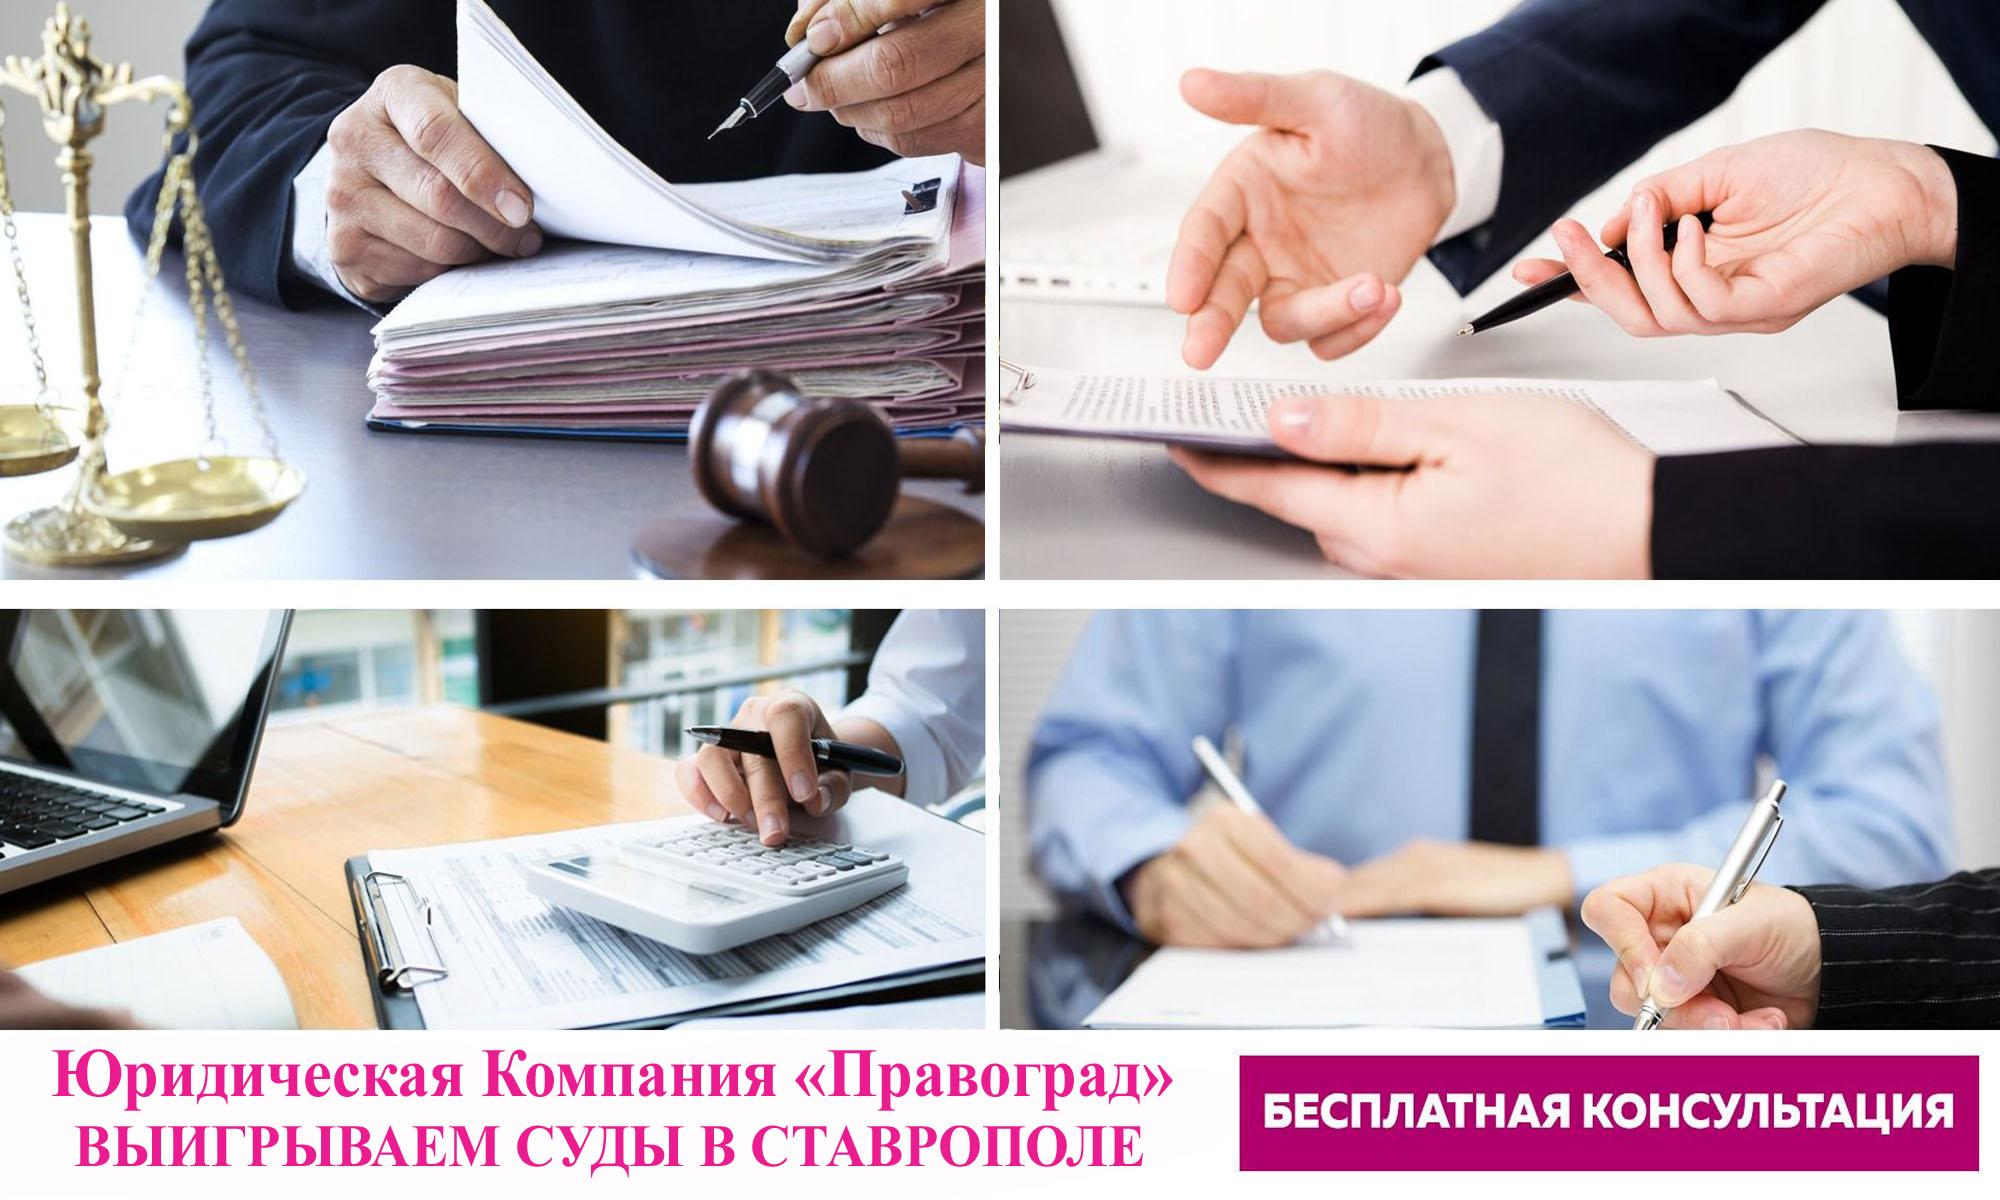 Партнеры Юридической компании ПРАВОГРАД - www.pravograd26.ru